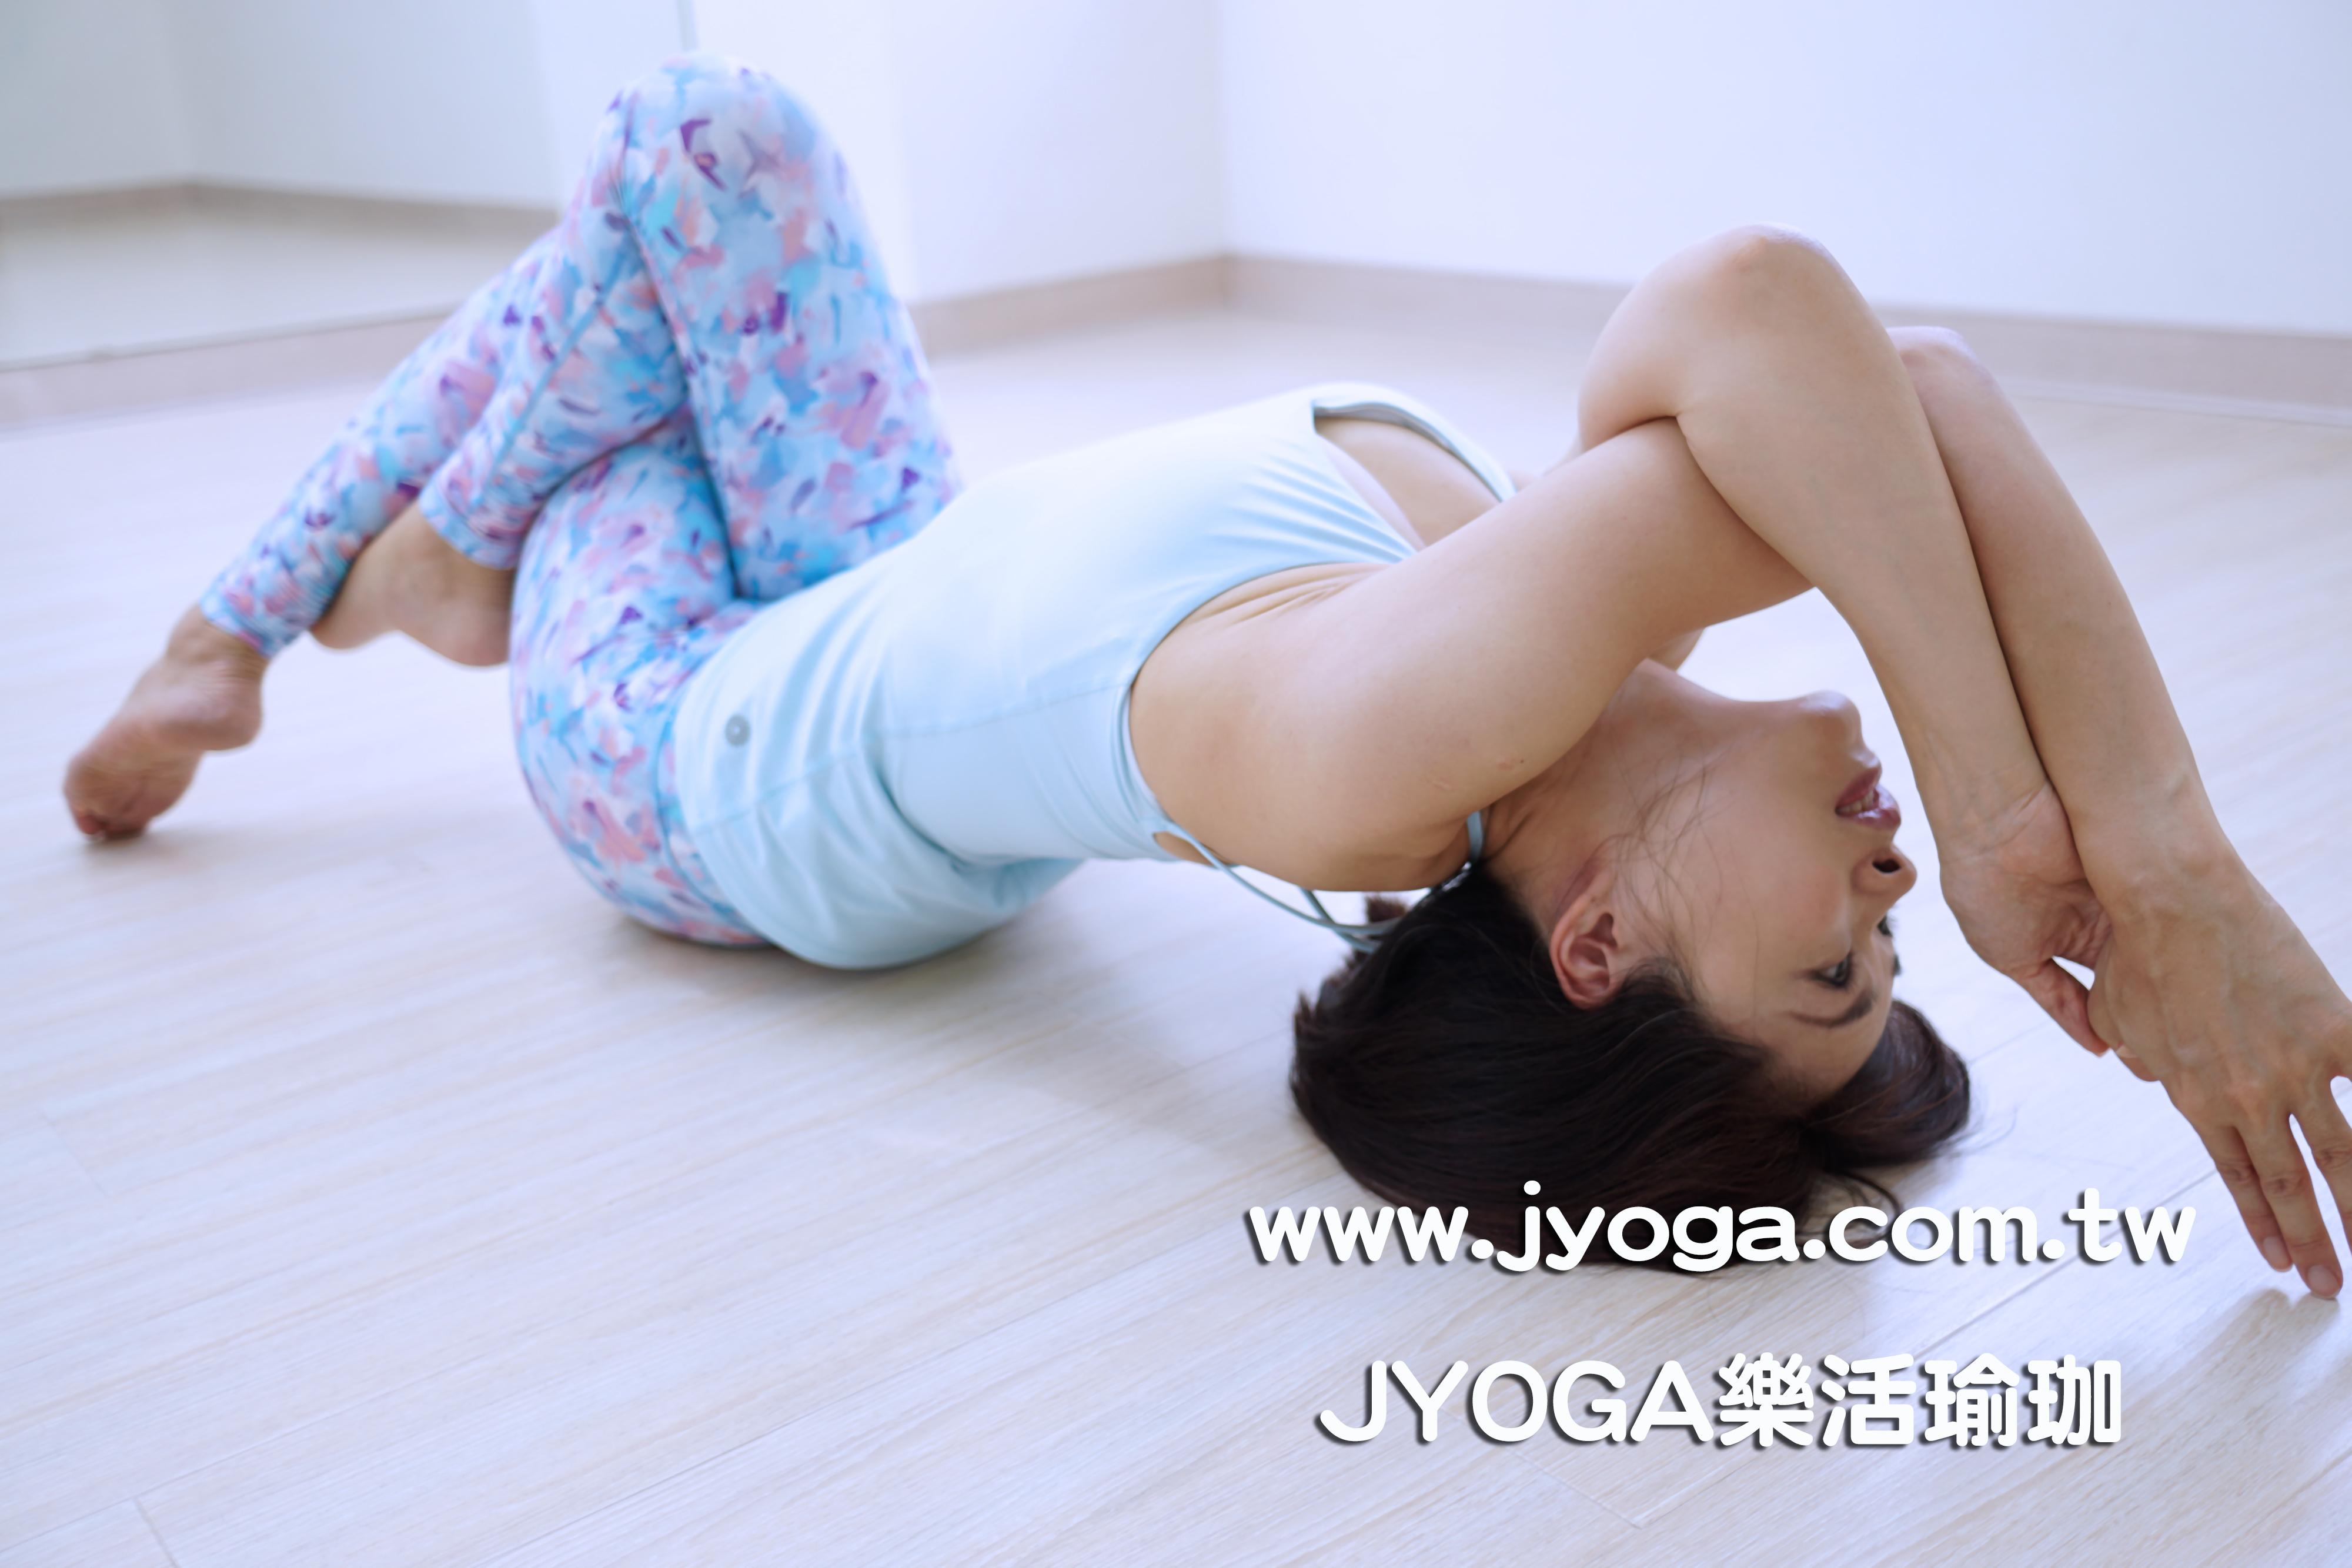 台南jyoga乐活瑜珈-瑜珈教学-鱼式变化